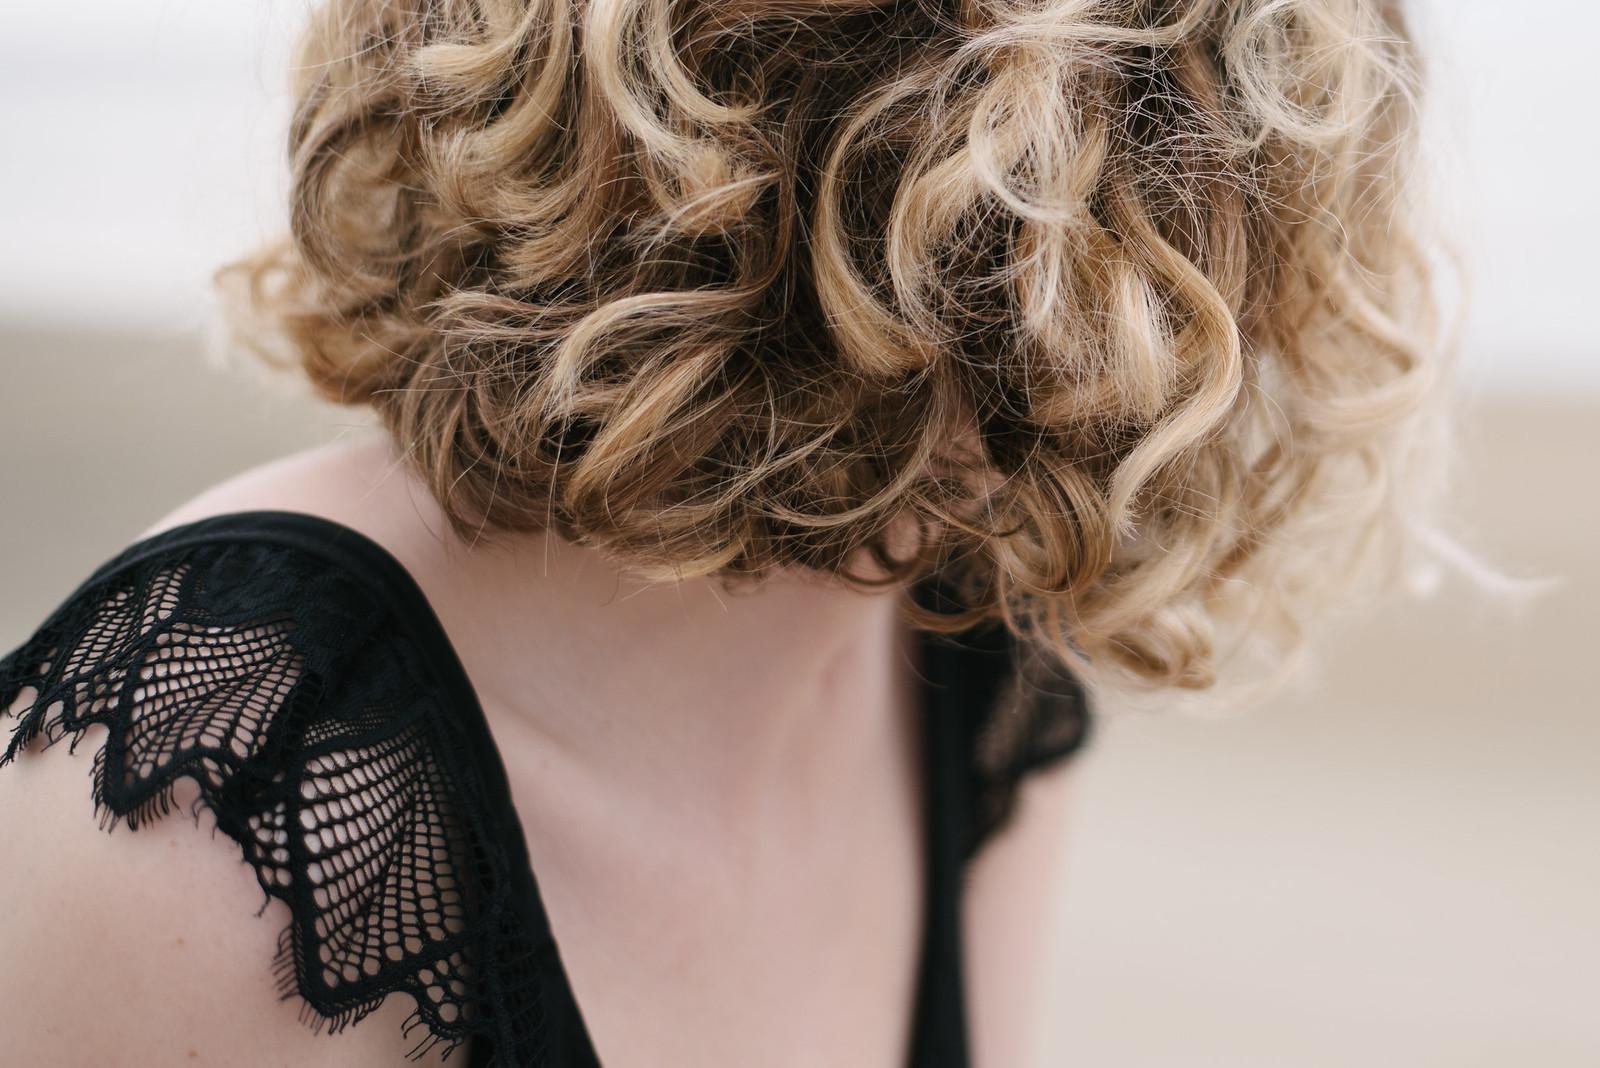 Aerie bralette (as swimsuit) details on juliettelaura.blogspot.com